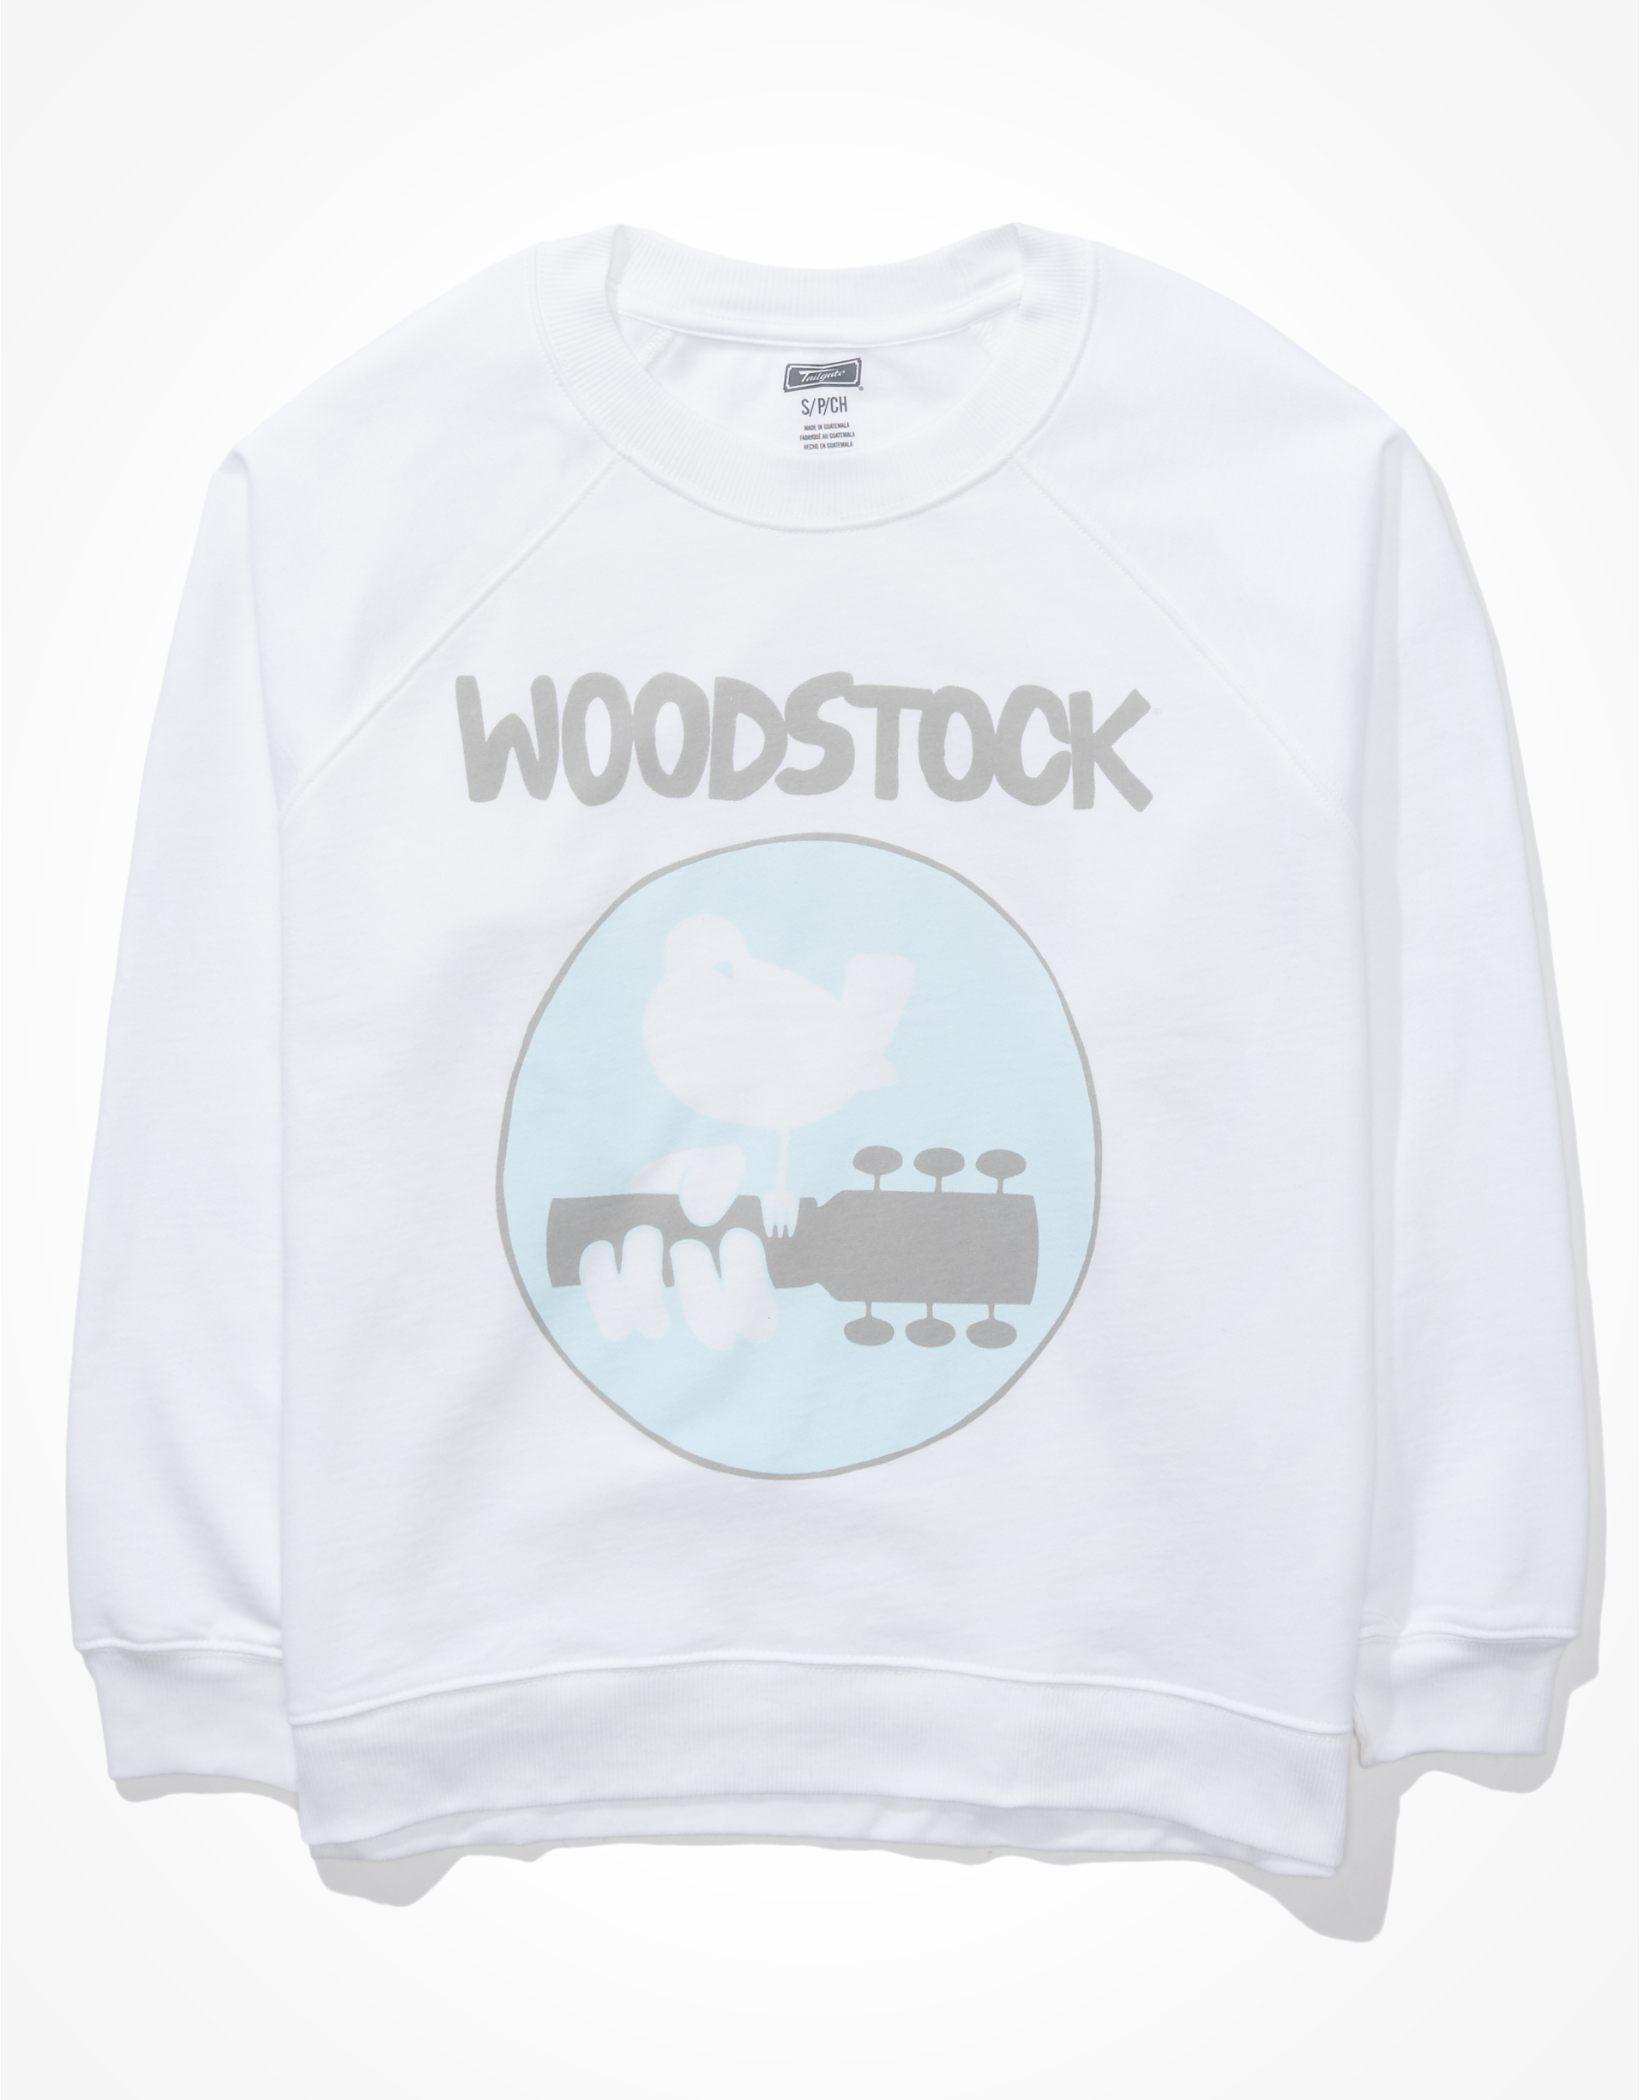 Tailgate Women's Woodstock Graphic Fleece Sweatshirt